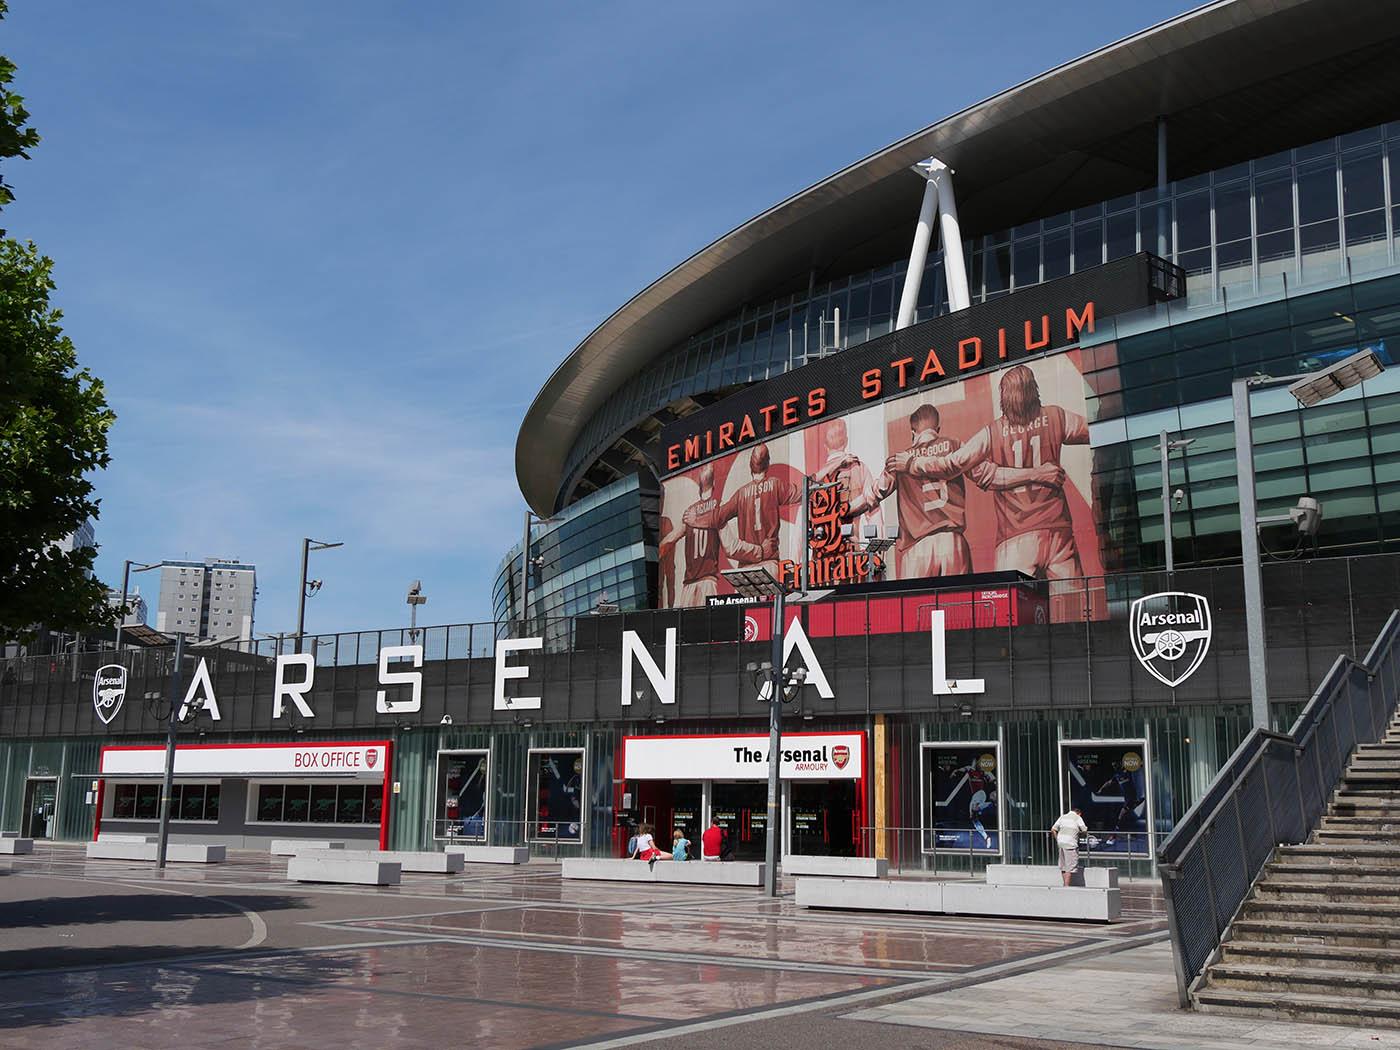 Acheter Billets Match Foot Londres Arsenal